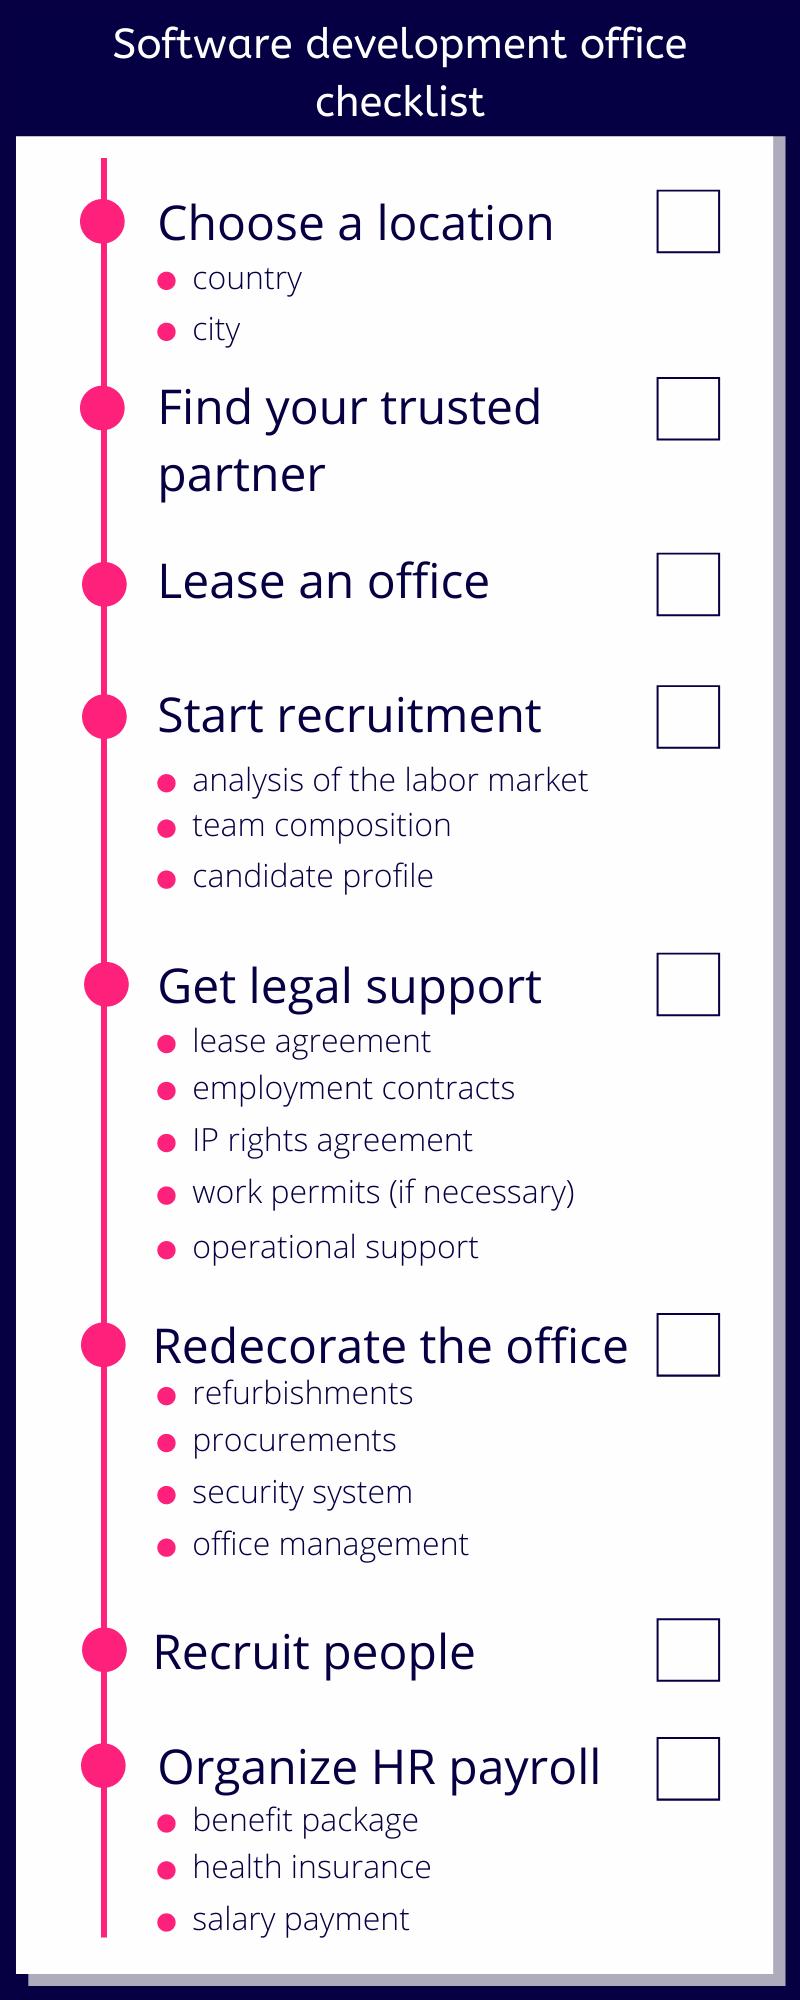 Development-office-checklist